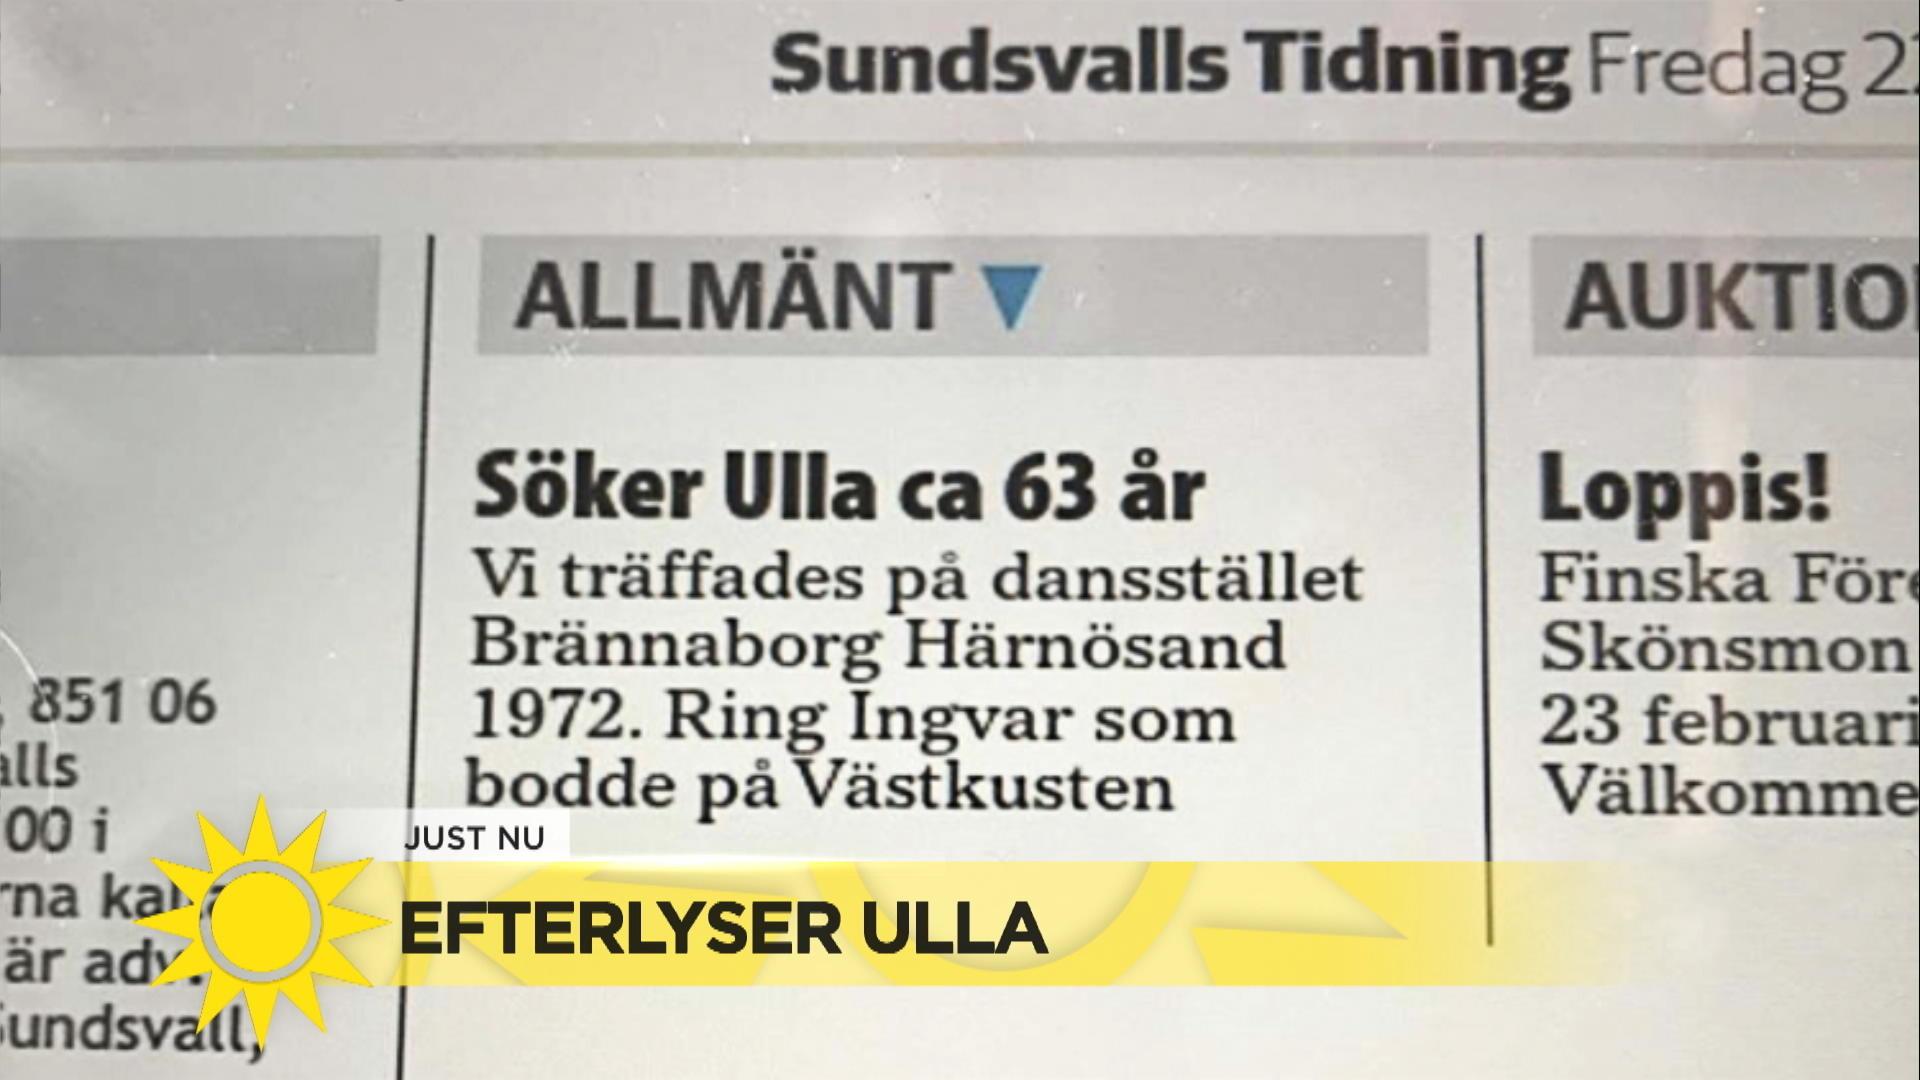 Ulf Johansson, Fridhemsgatan 72, Sundsvall | satisfaction-survey.net